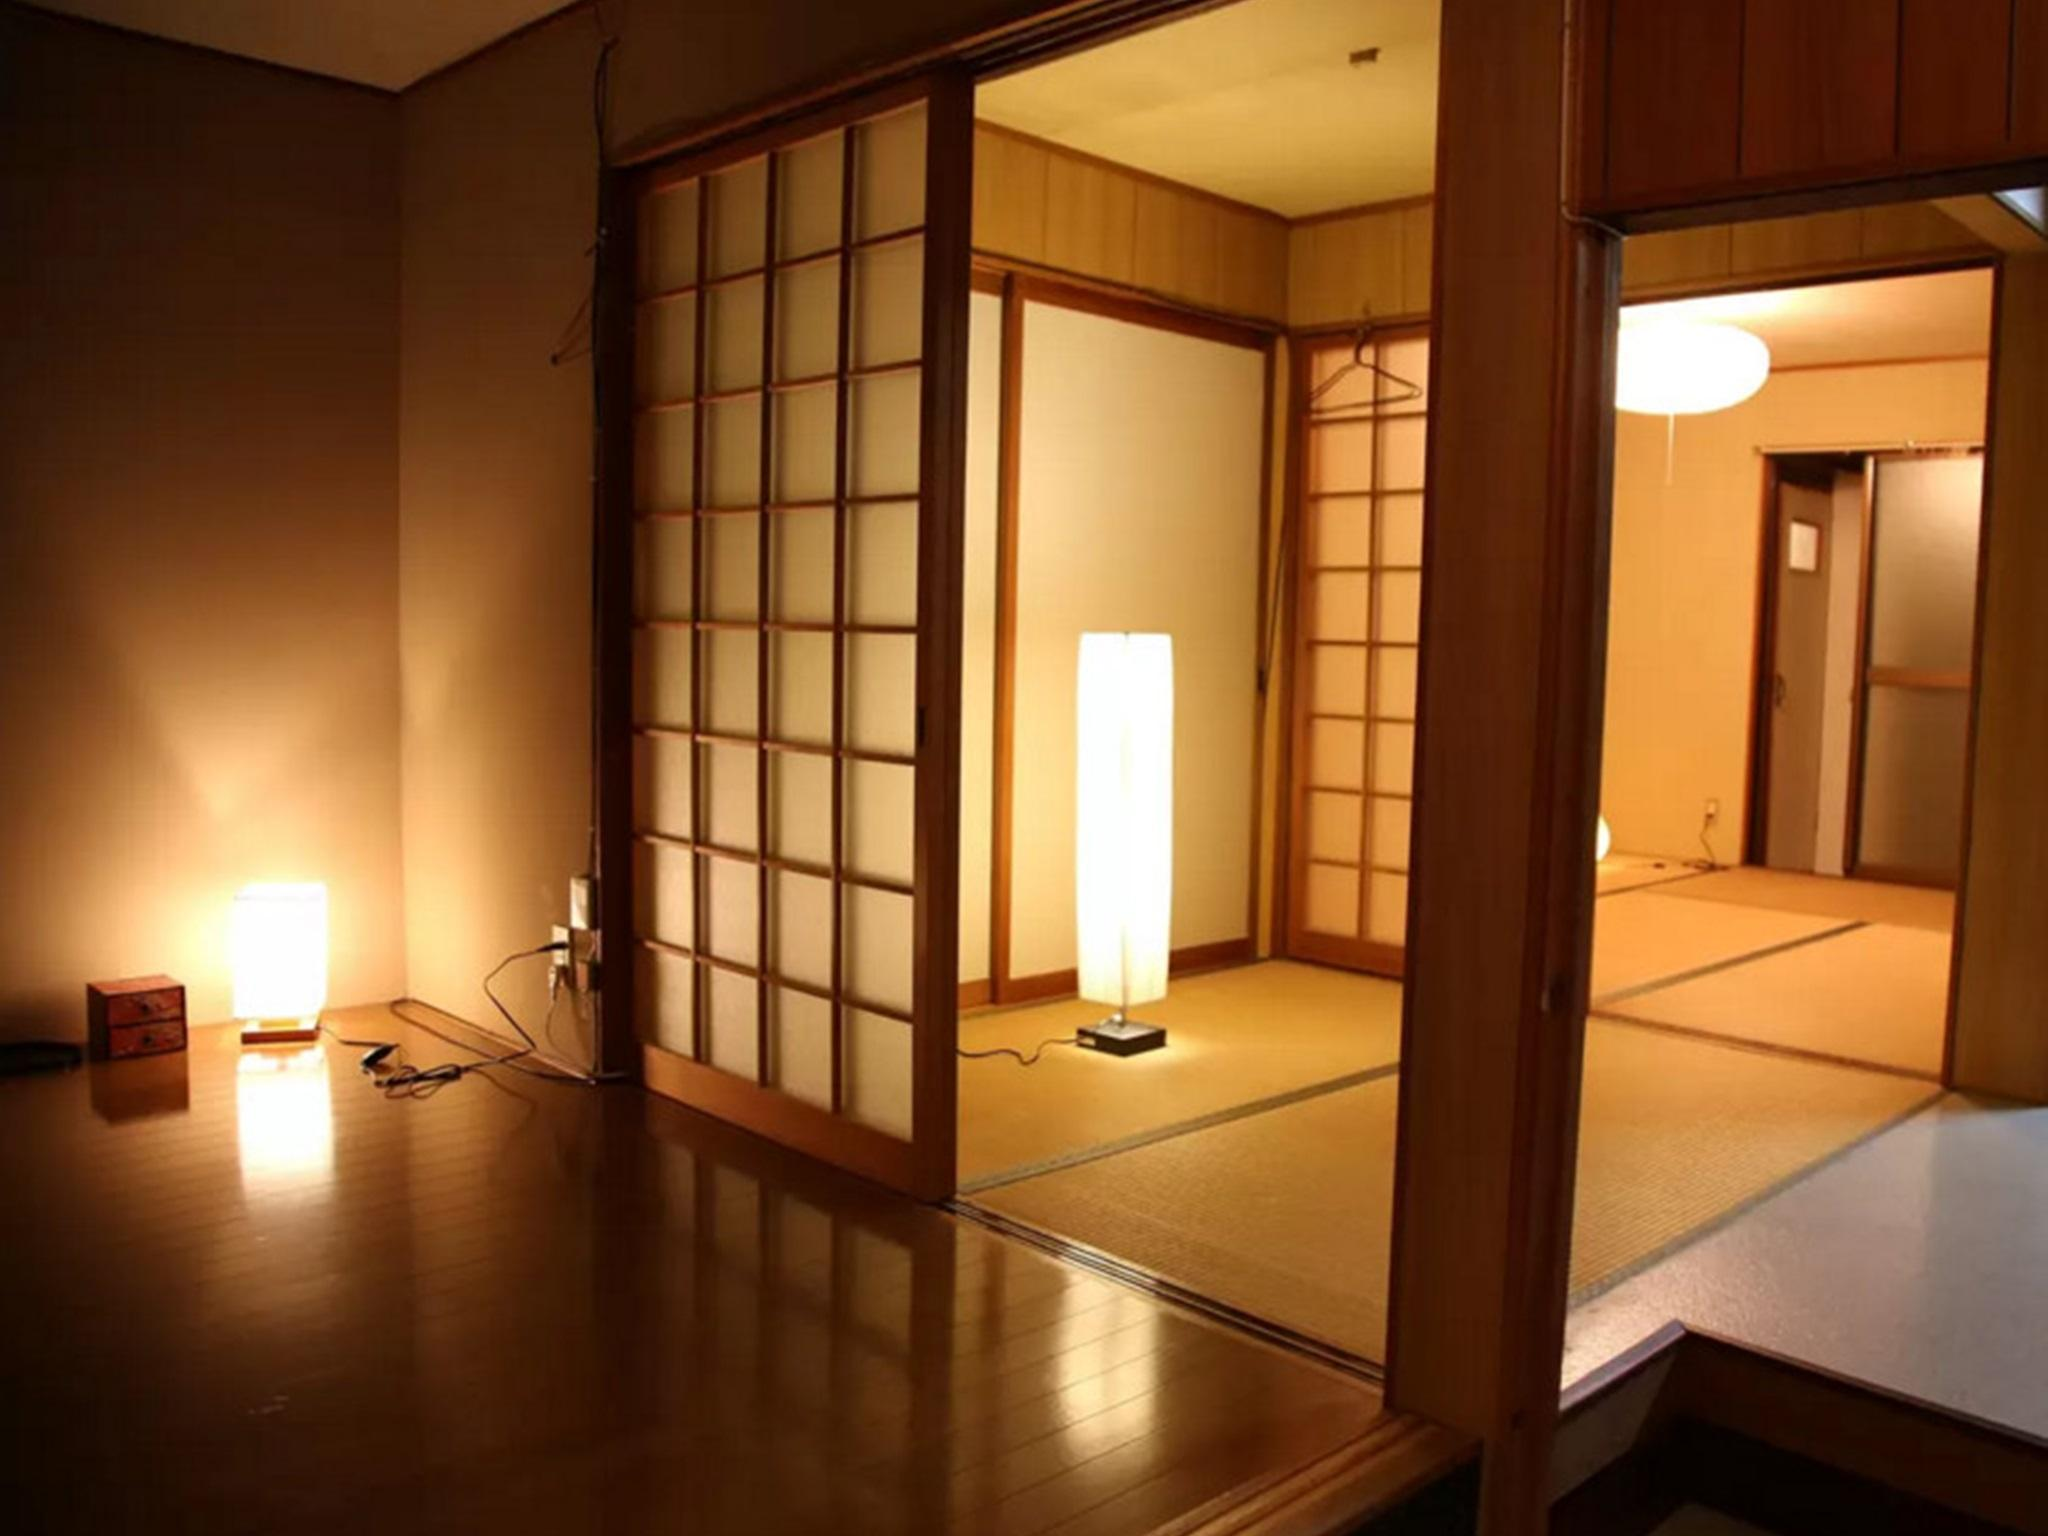 Camera Da Letto Giapponese kyoto home yoshida, giappone | da 58 € | offerte agoda